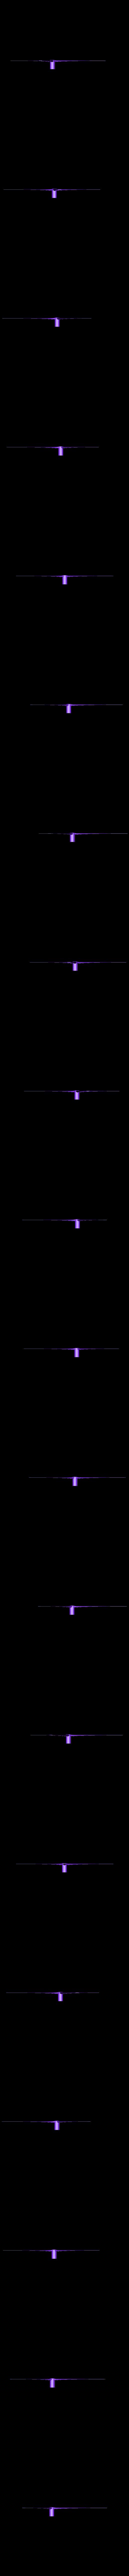 main propeller.STL Télécharger fichier 3DS eurocopter • Plan pour impression 3D, saeedyouhannae